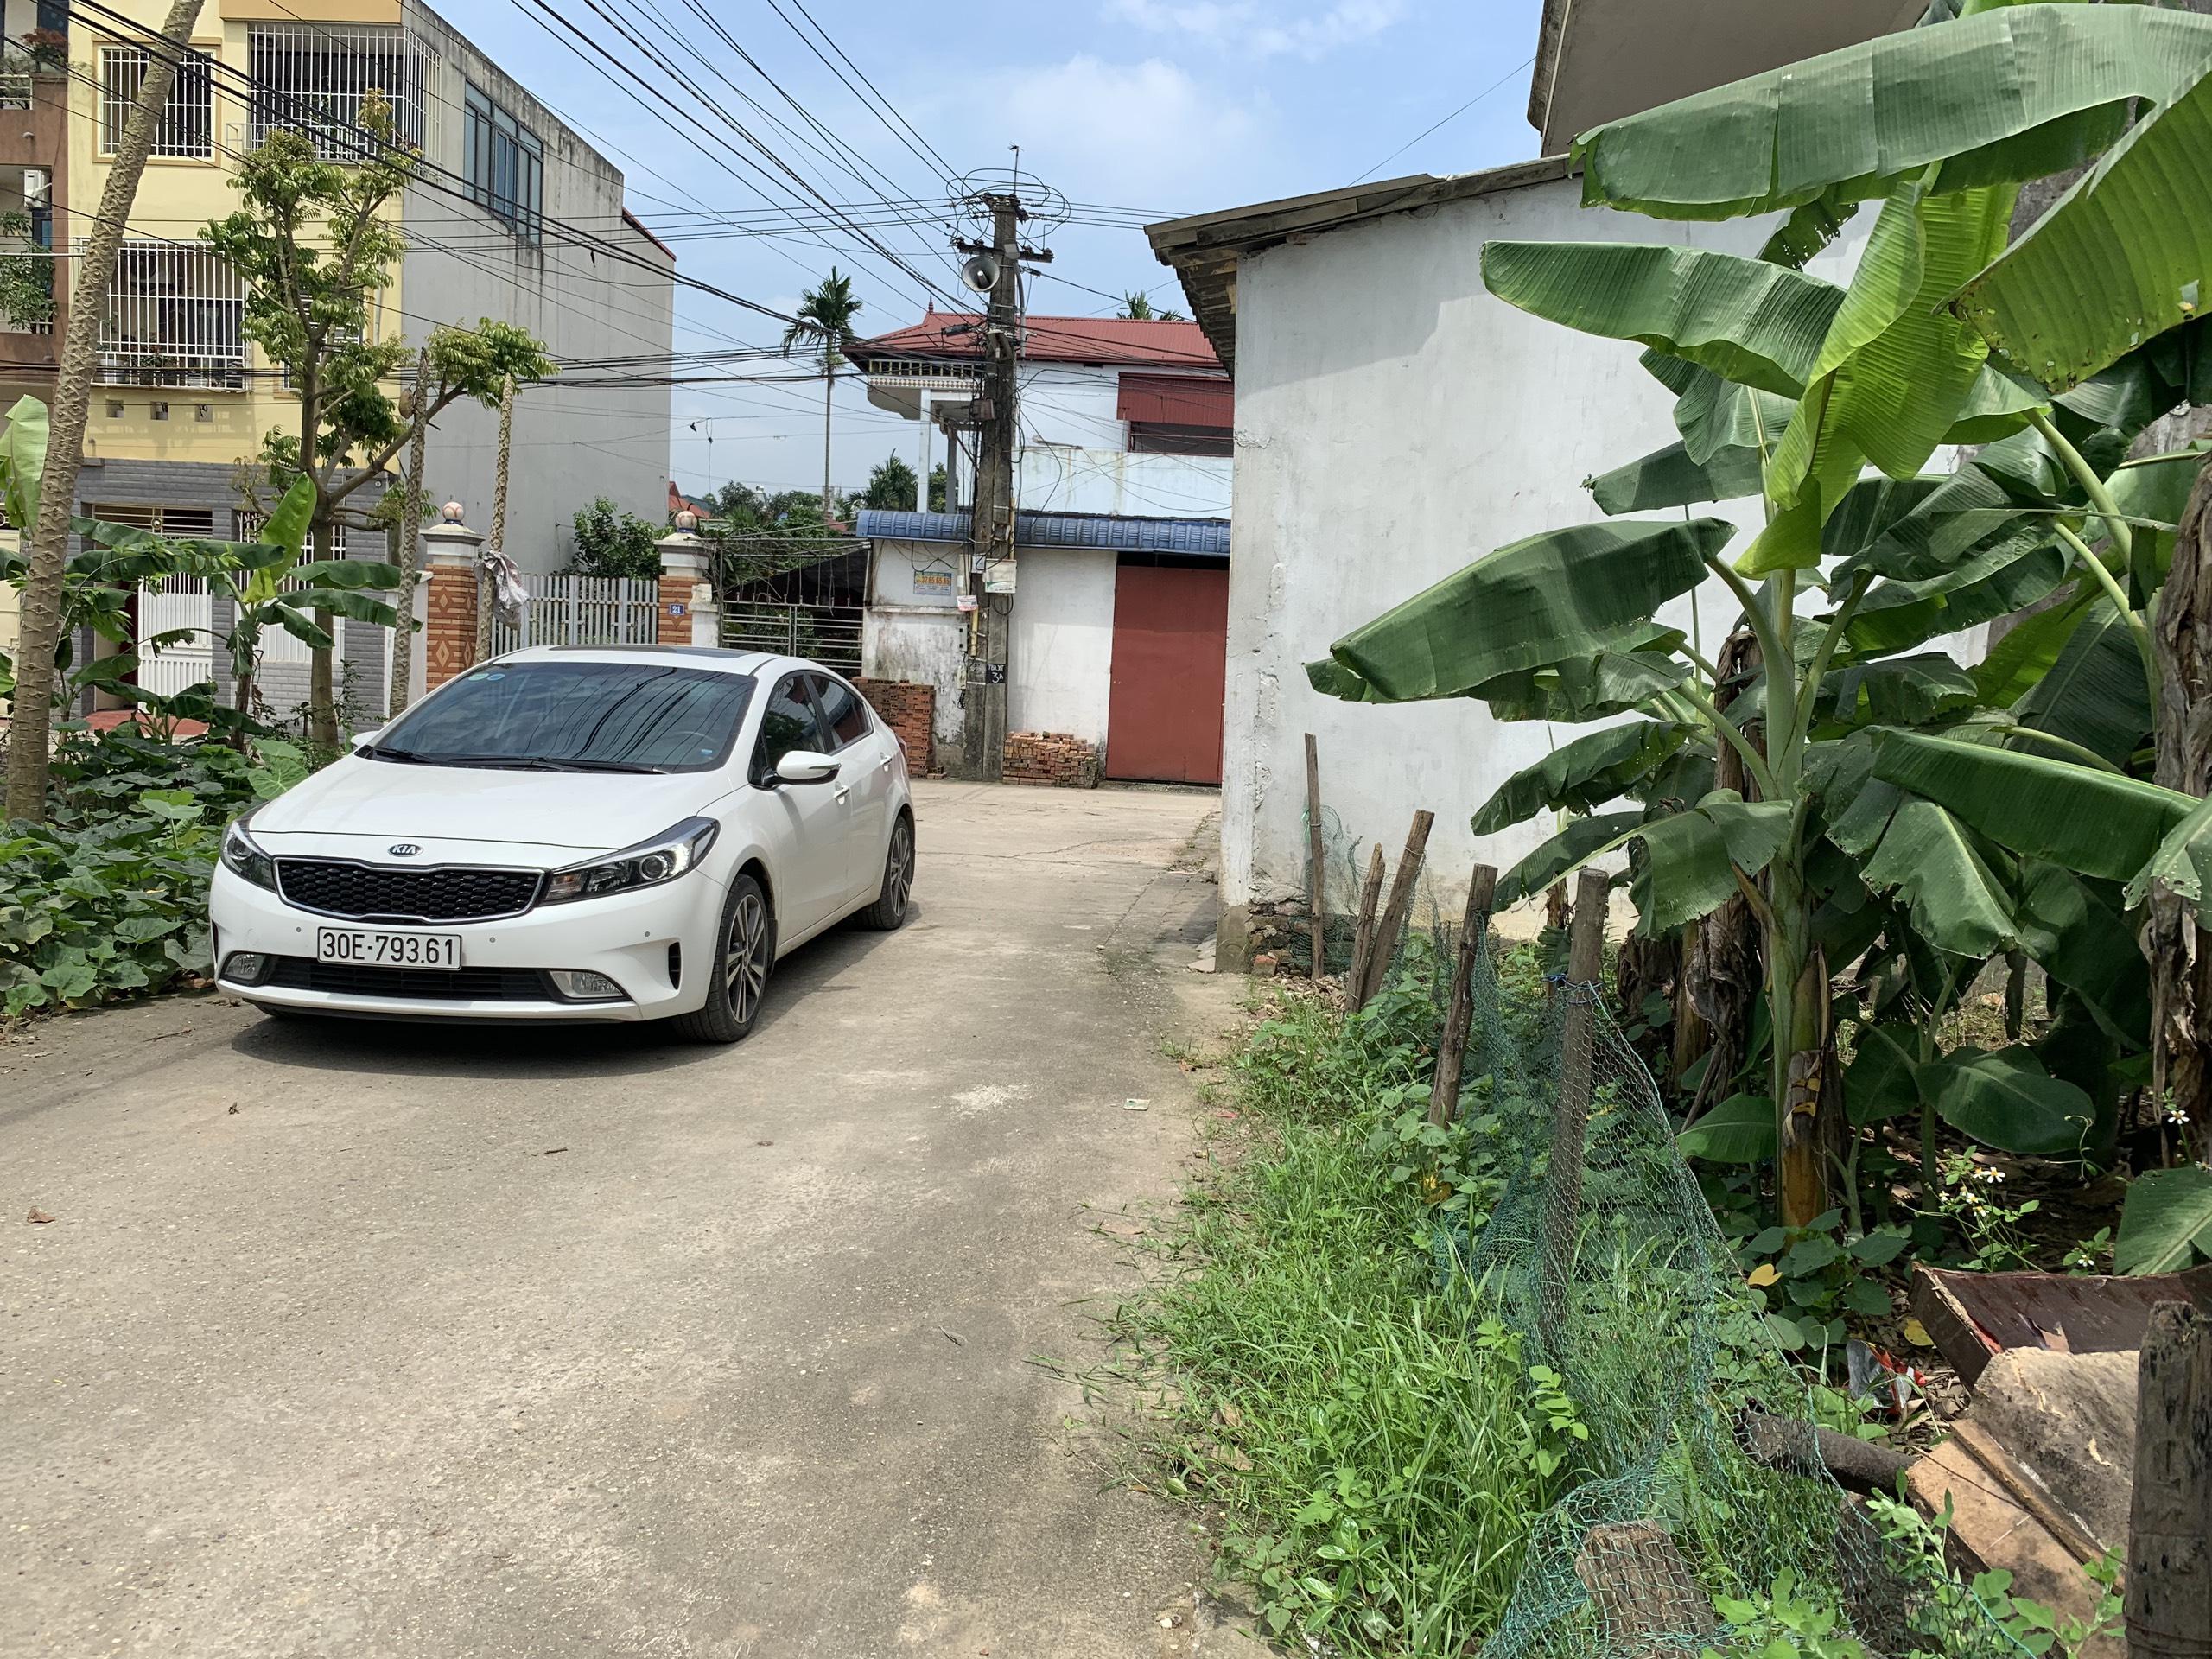 Bán nhanh lô đất 126m, 2 mặt đường trước sau giá đầu tư tại Thôn Tiên Hùng- Nguyên Khê- Đông Anh